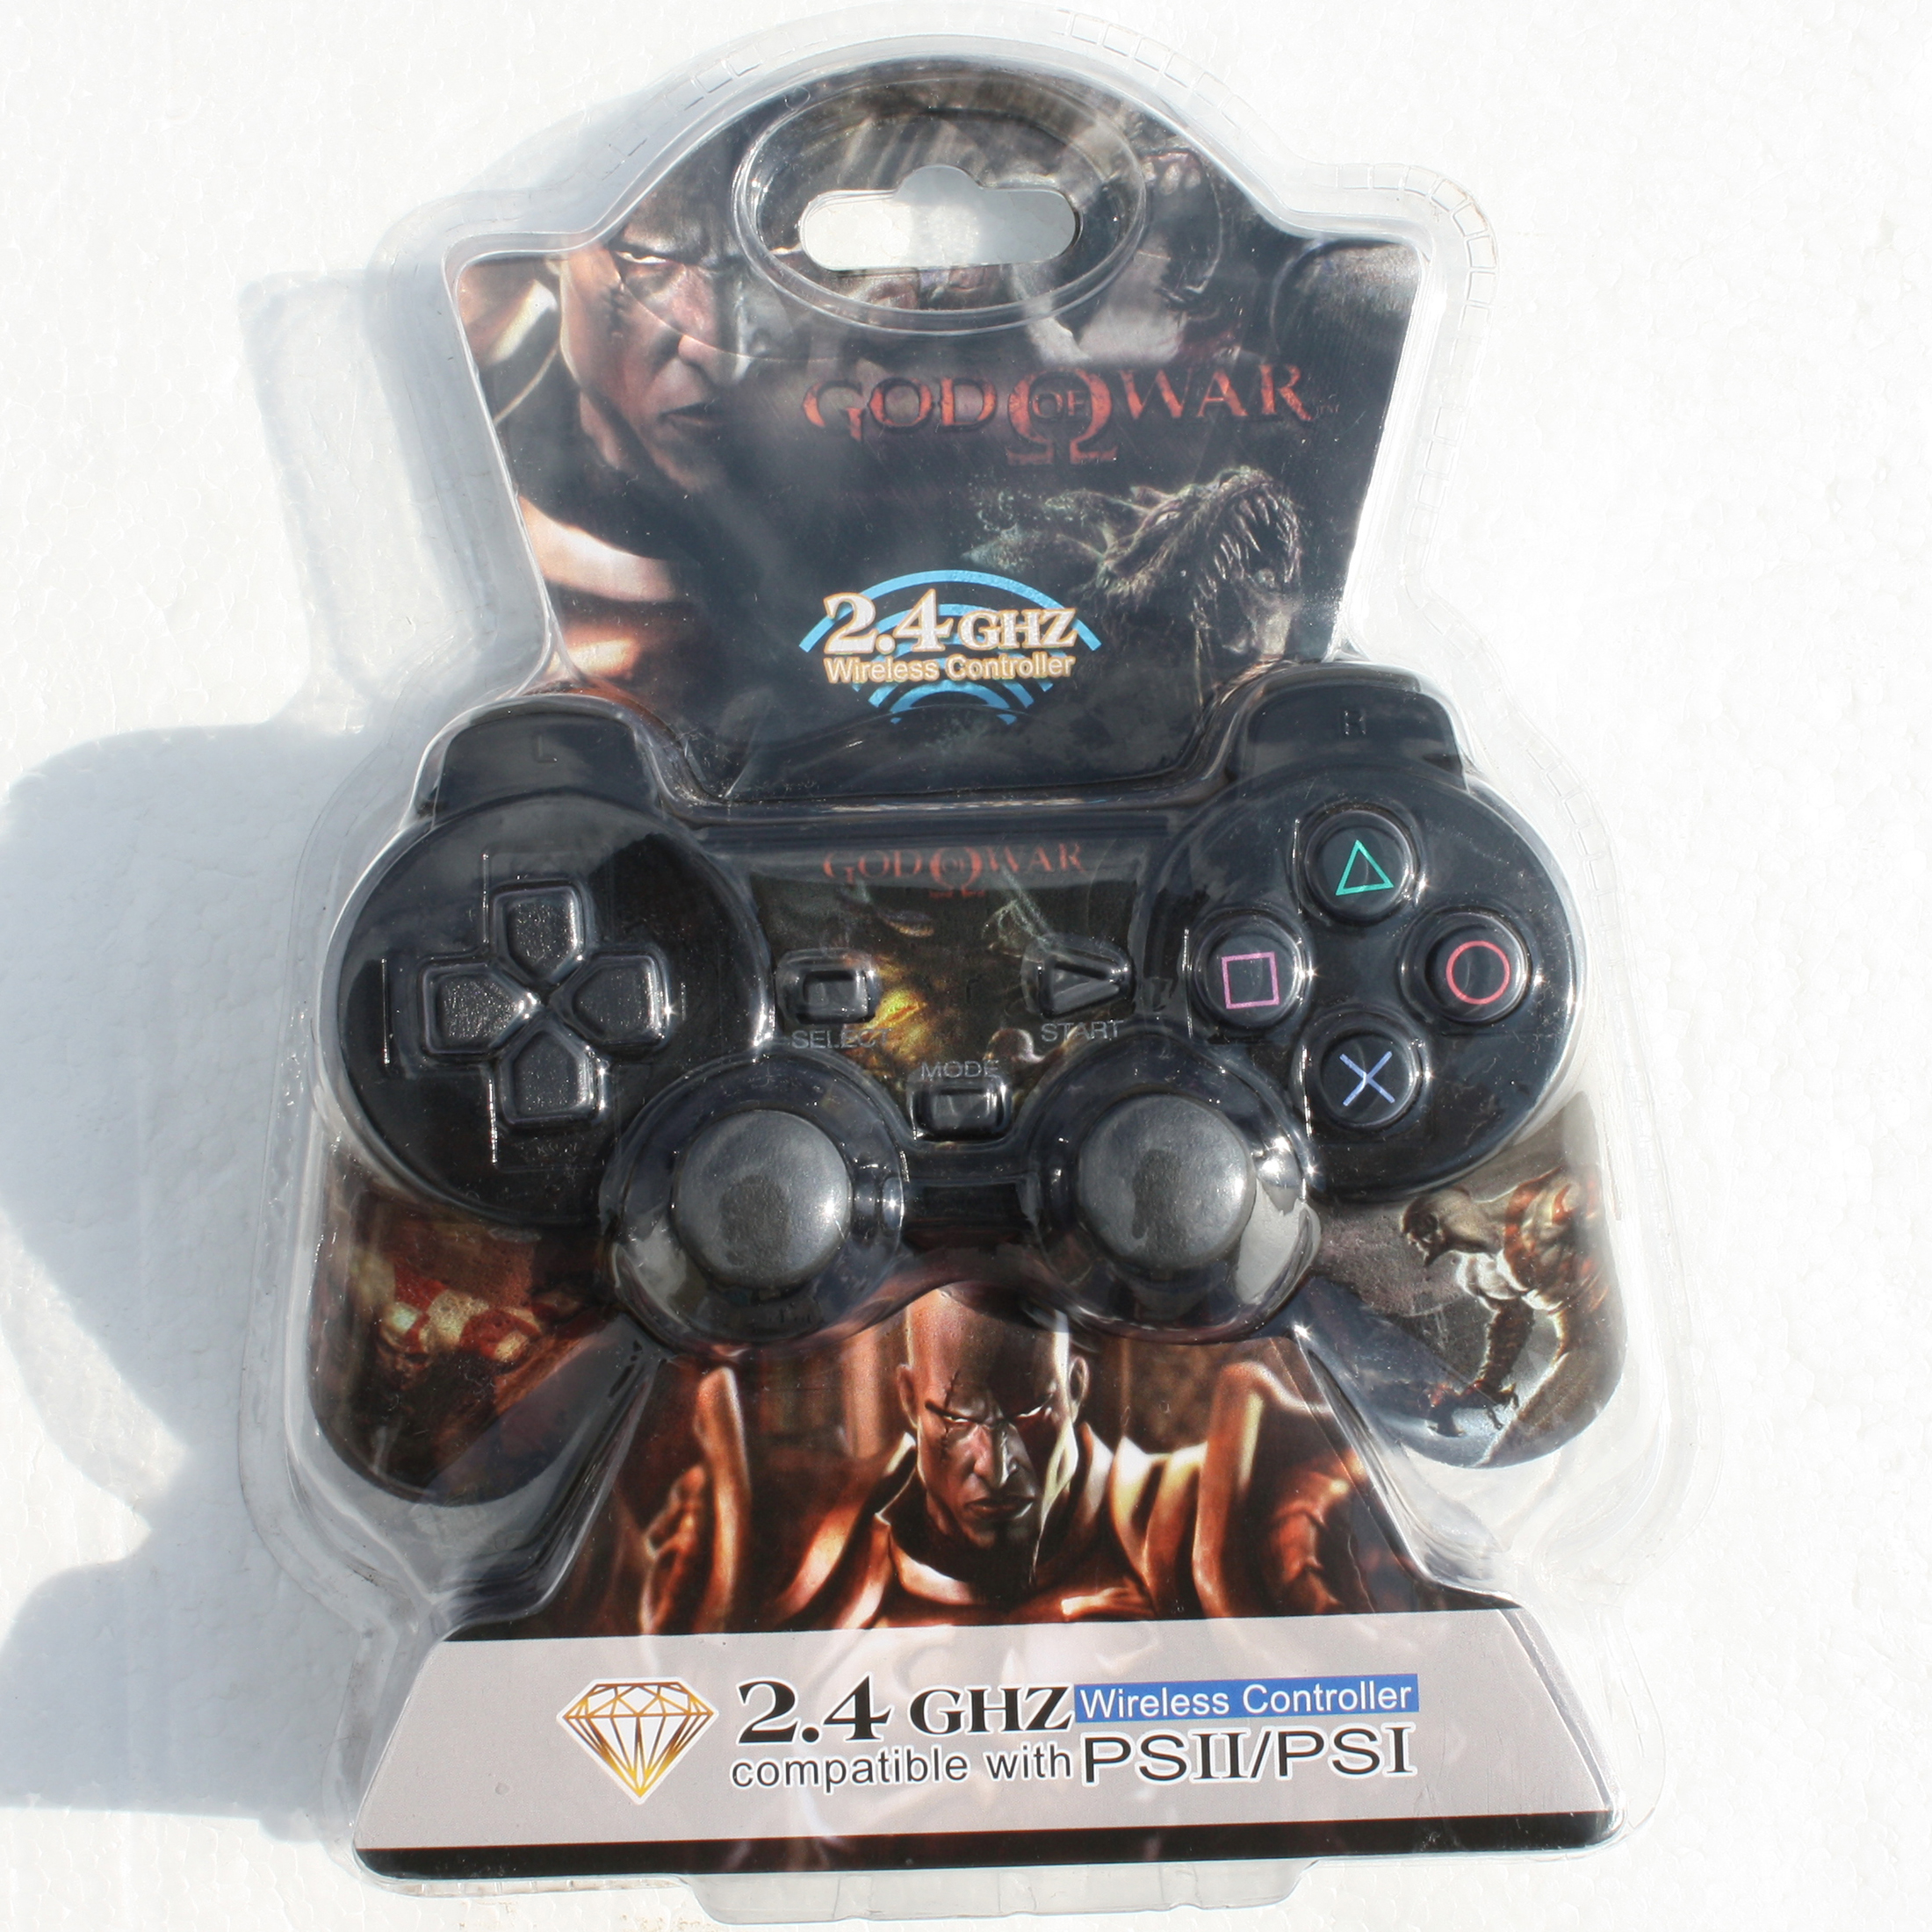 خرید اینترنتی دسته بازی پلی استیشن 2 مدل god of war کد 001 اورجینال